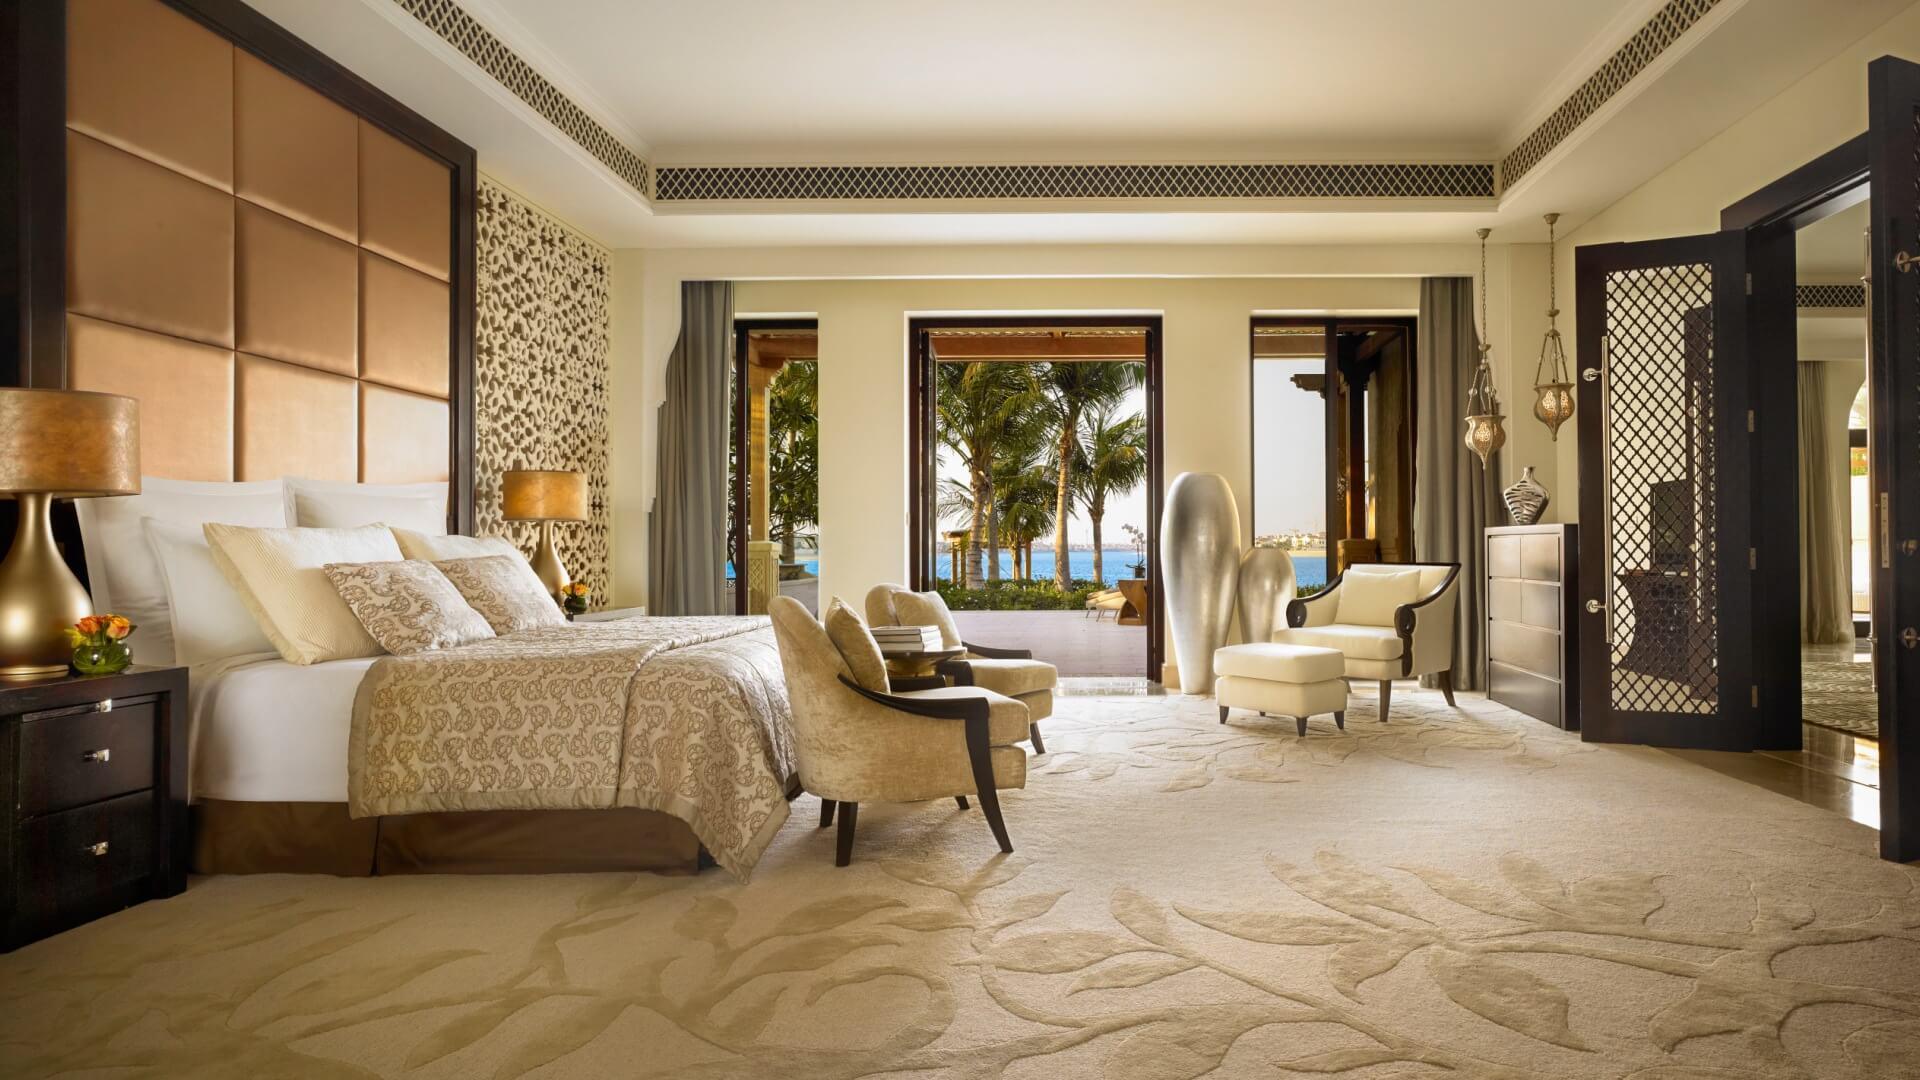 Villa en venta en Dubai, EAU, 4 dormitorios, 403 m2, № 24304 – foto 1